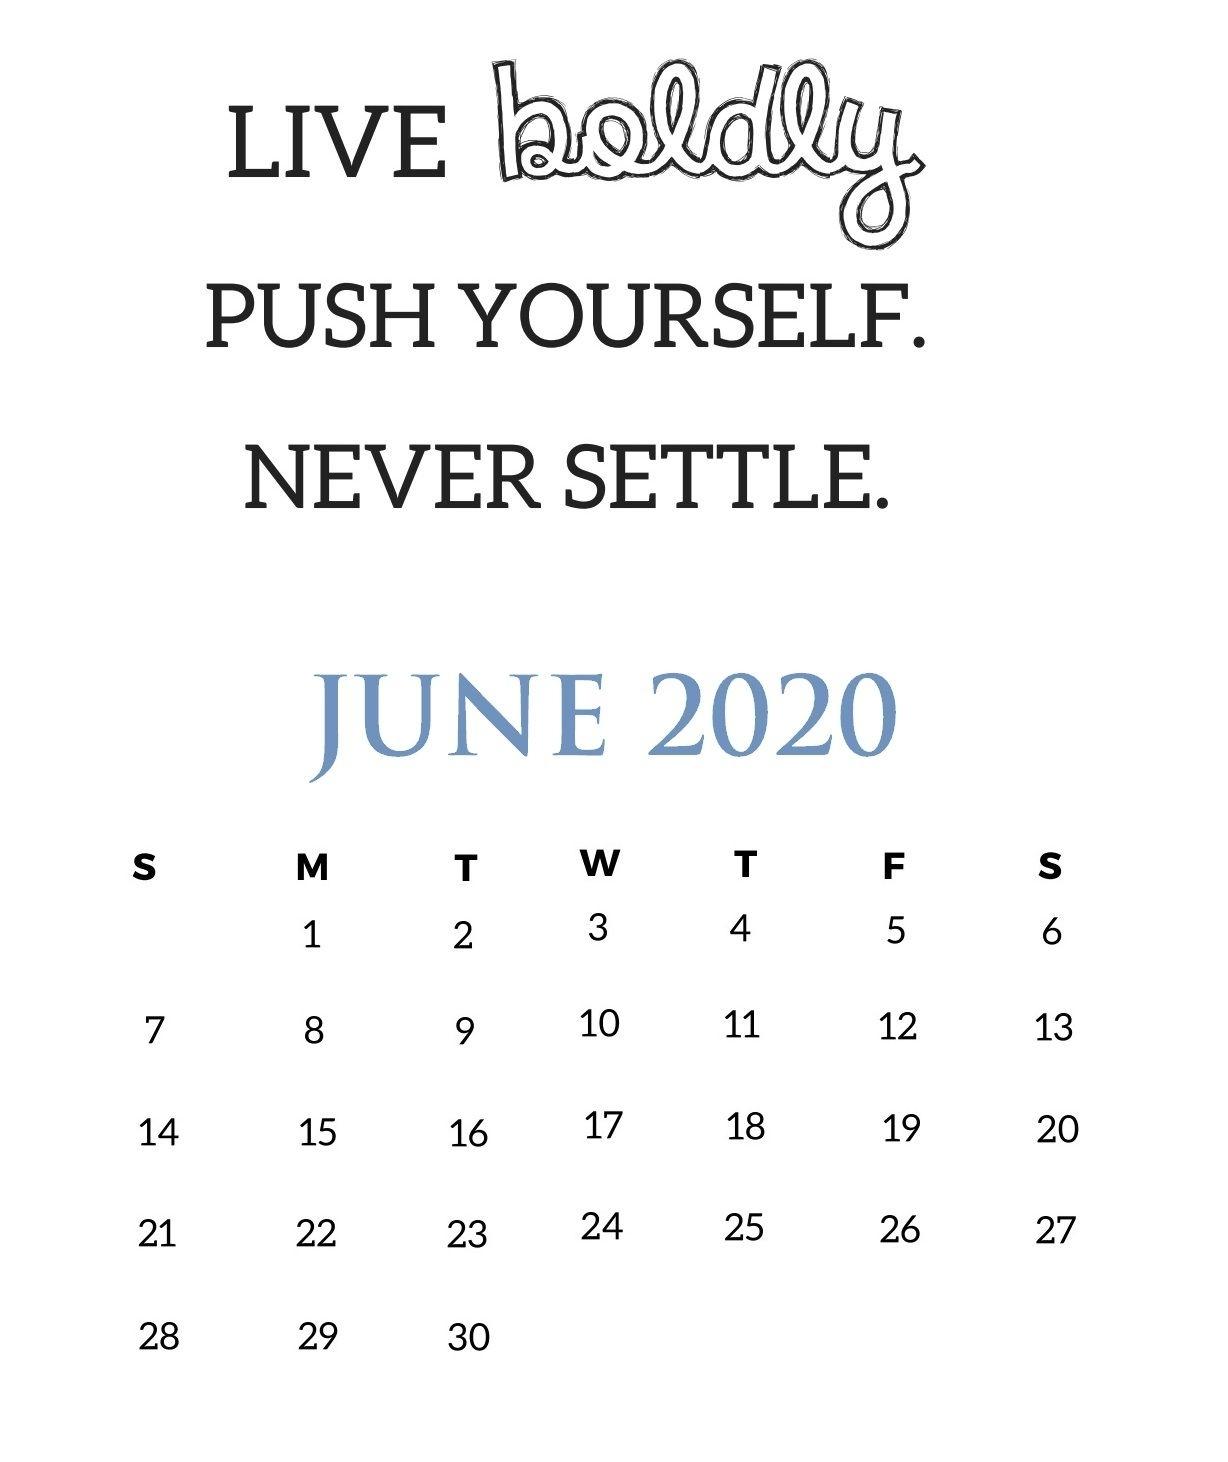 June 2020 Motivational Wall Calendar In 2020 | Wall